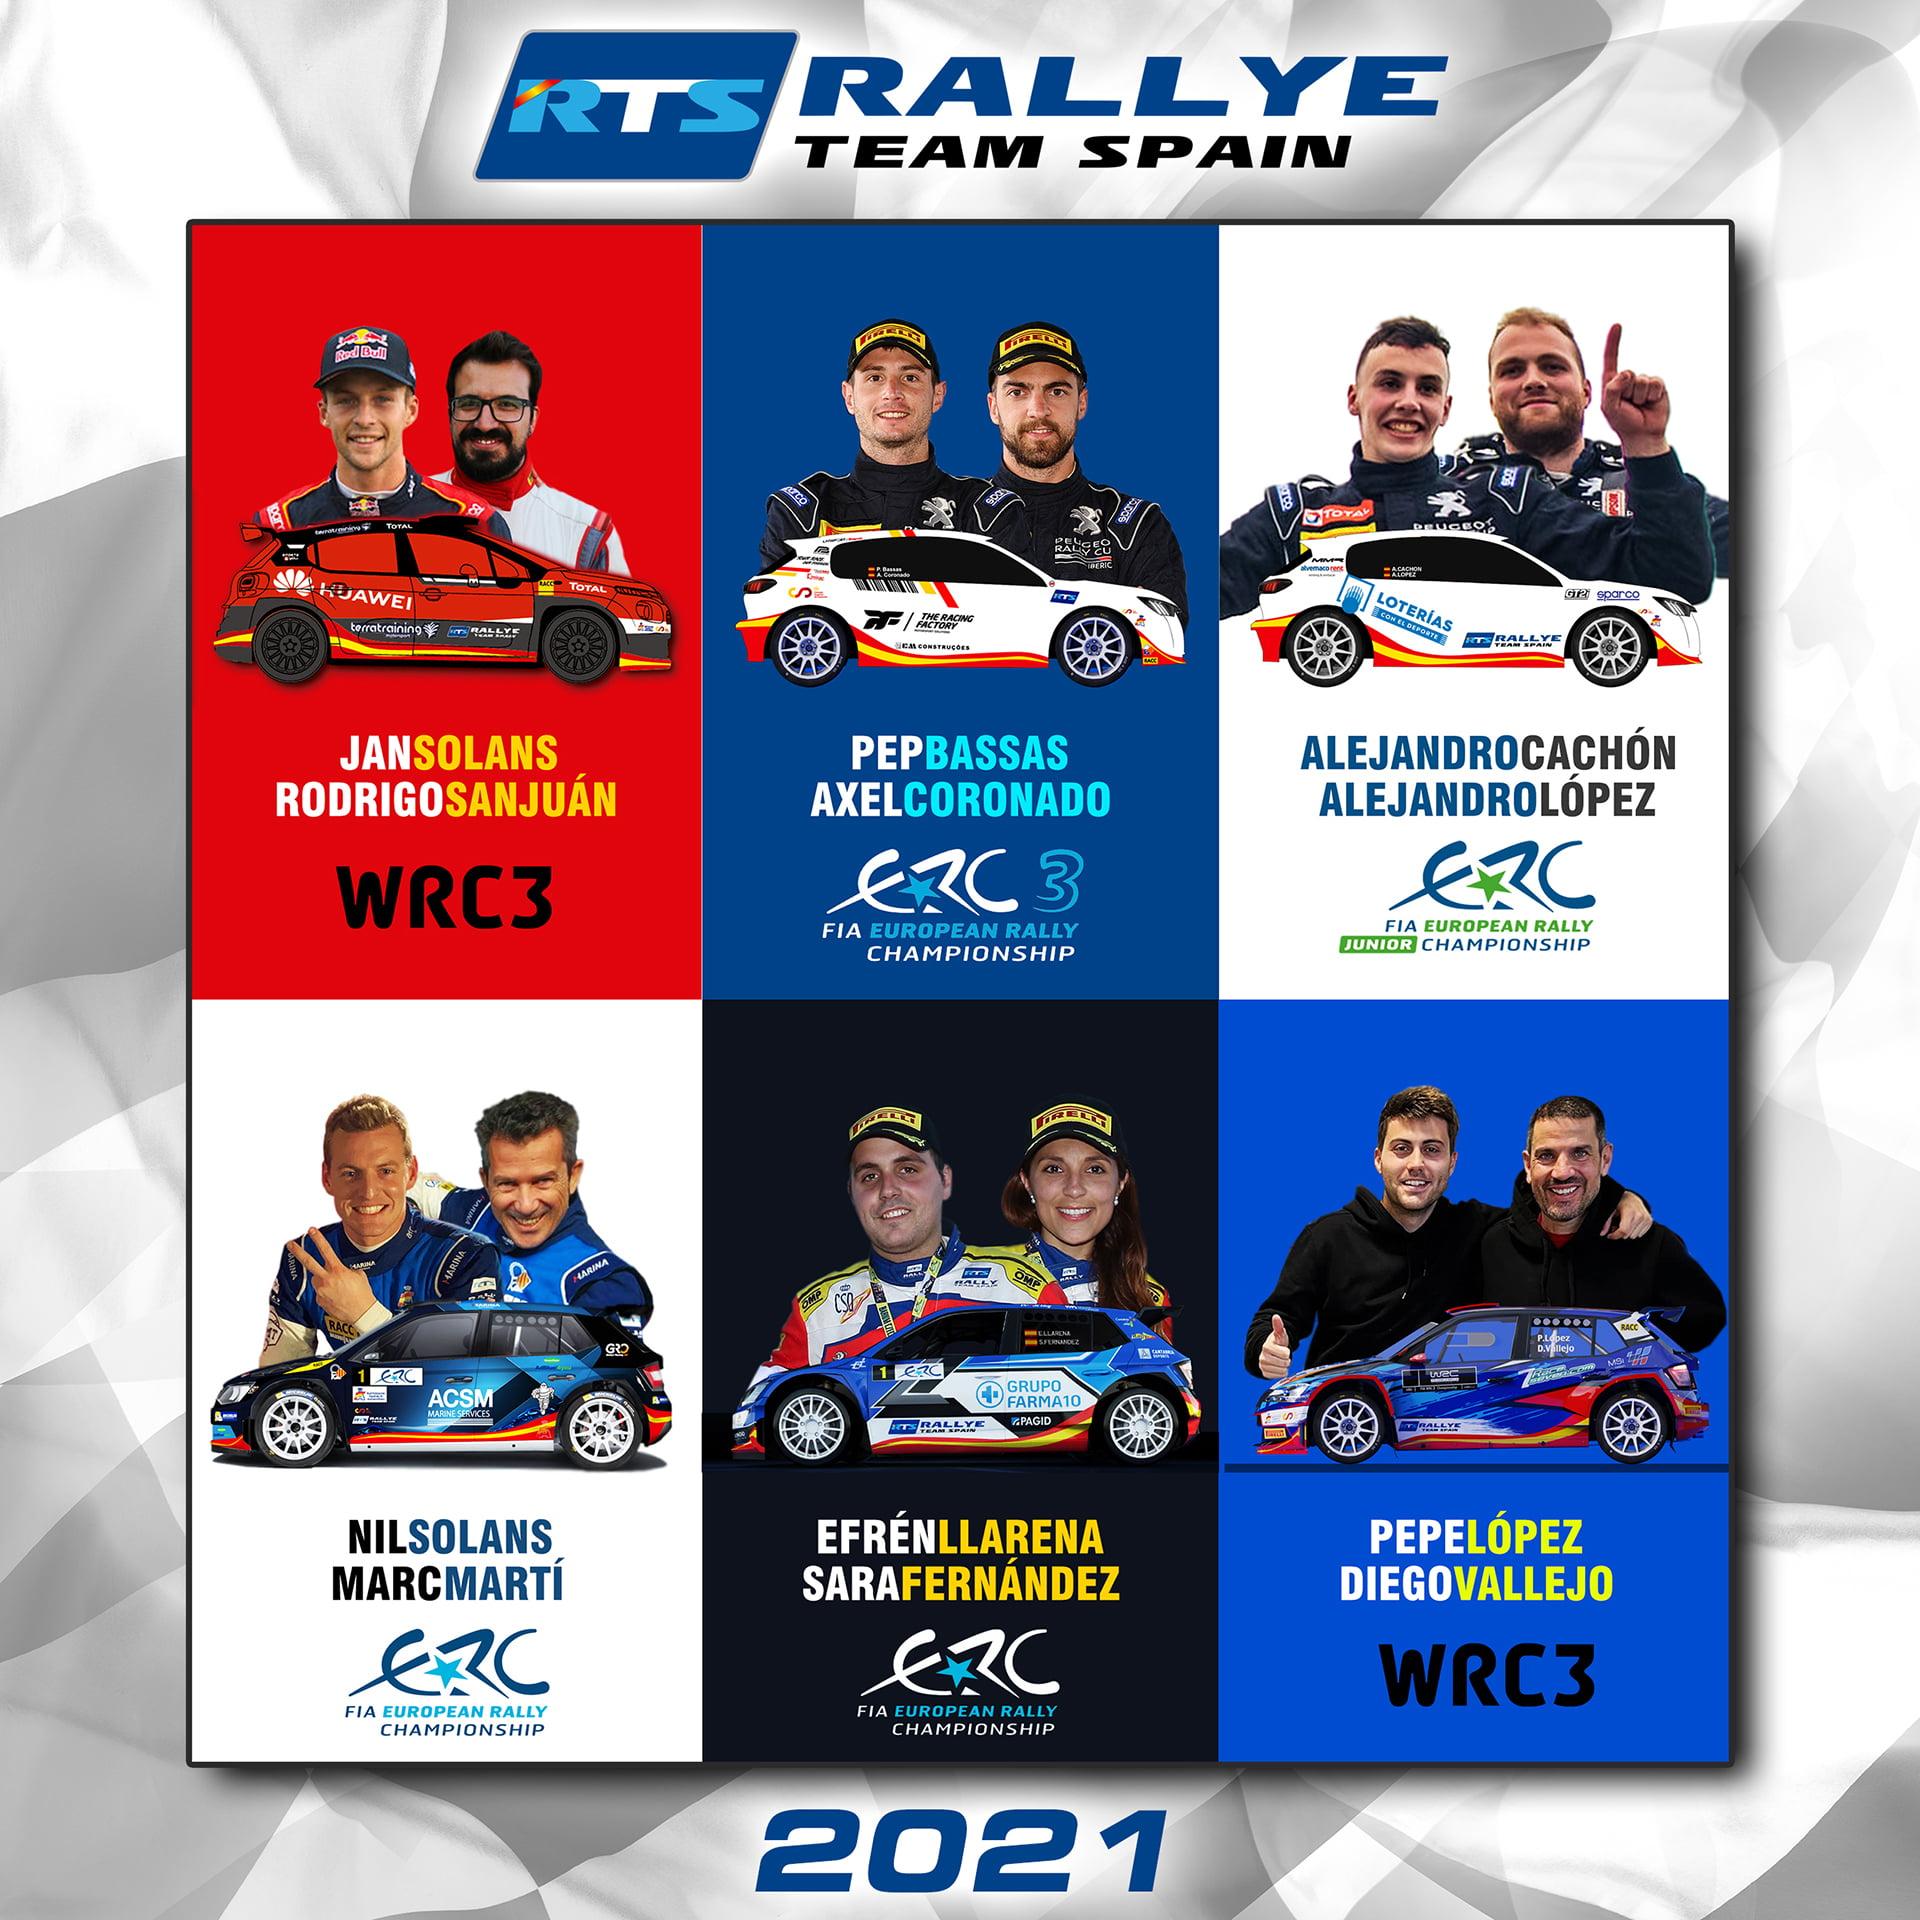 Rallye Team Spain, 6 equipos con mucho potencial.